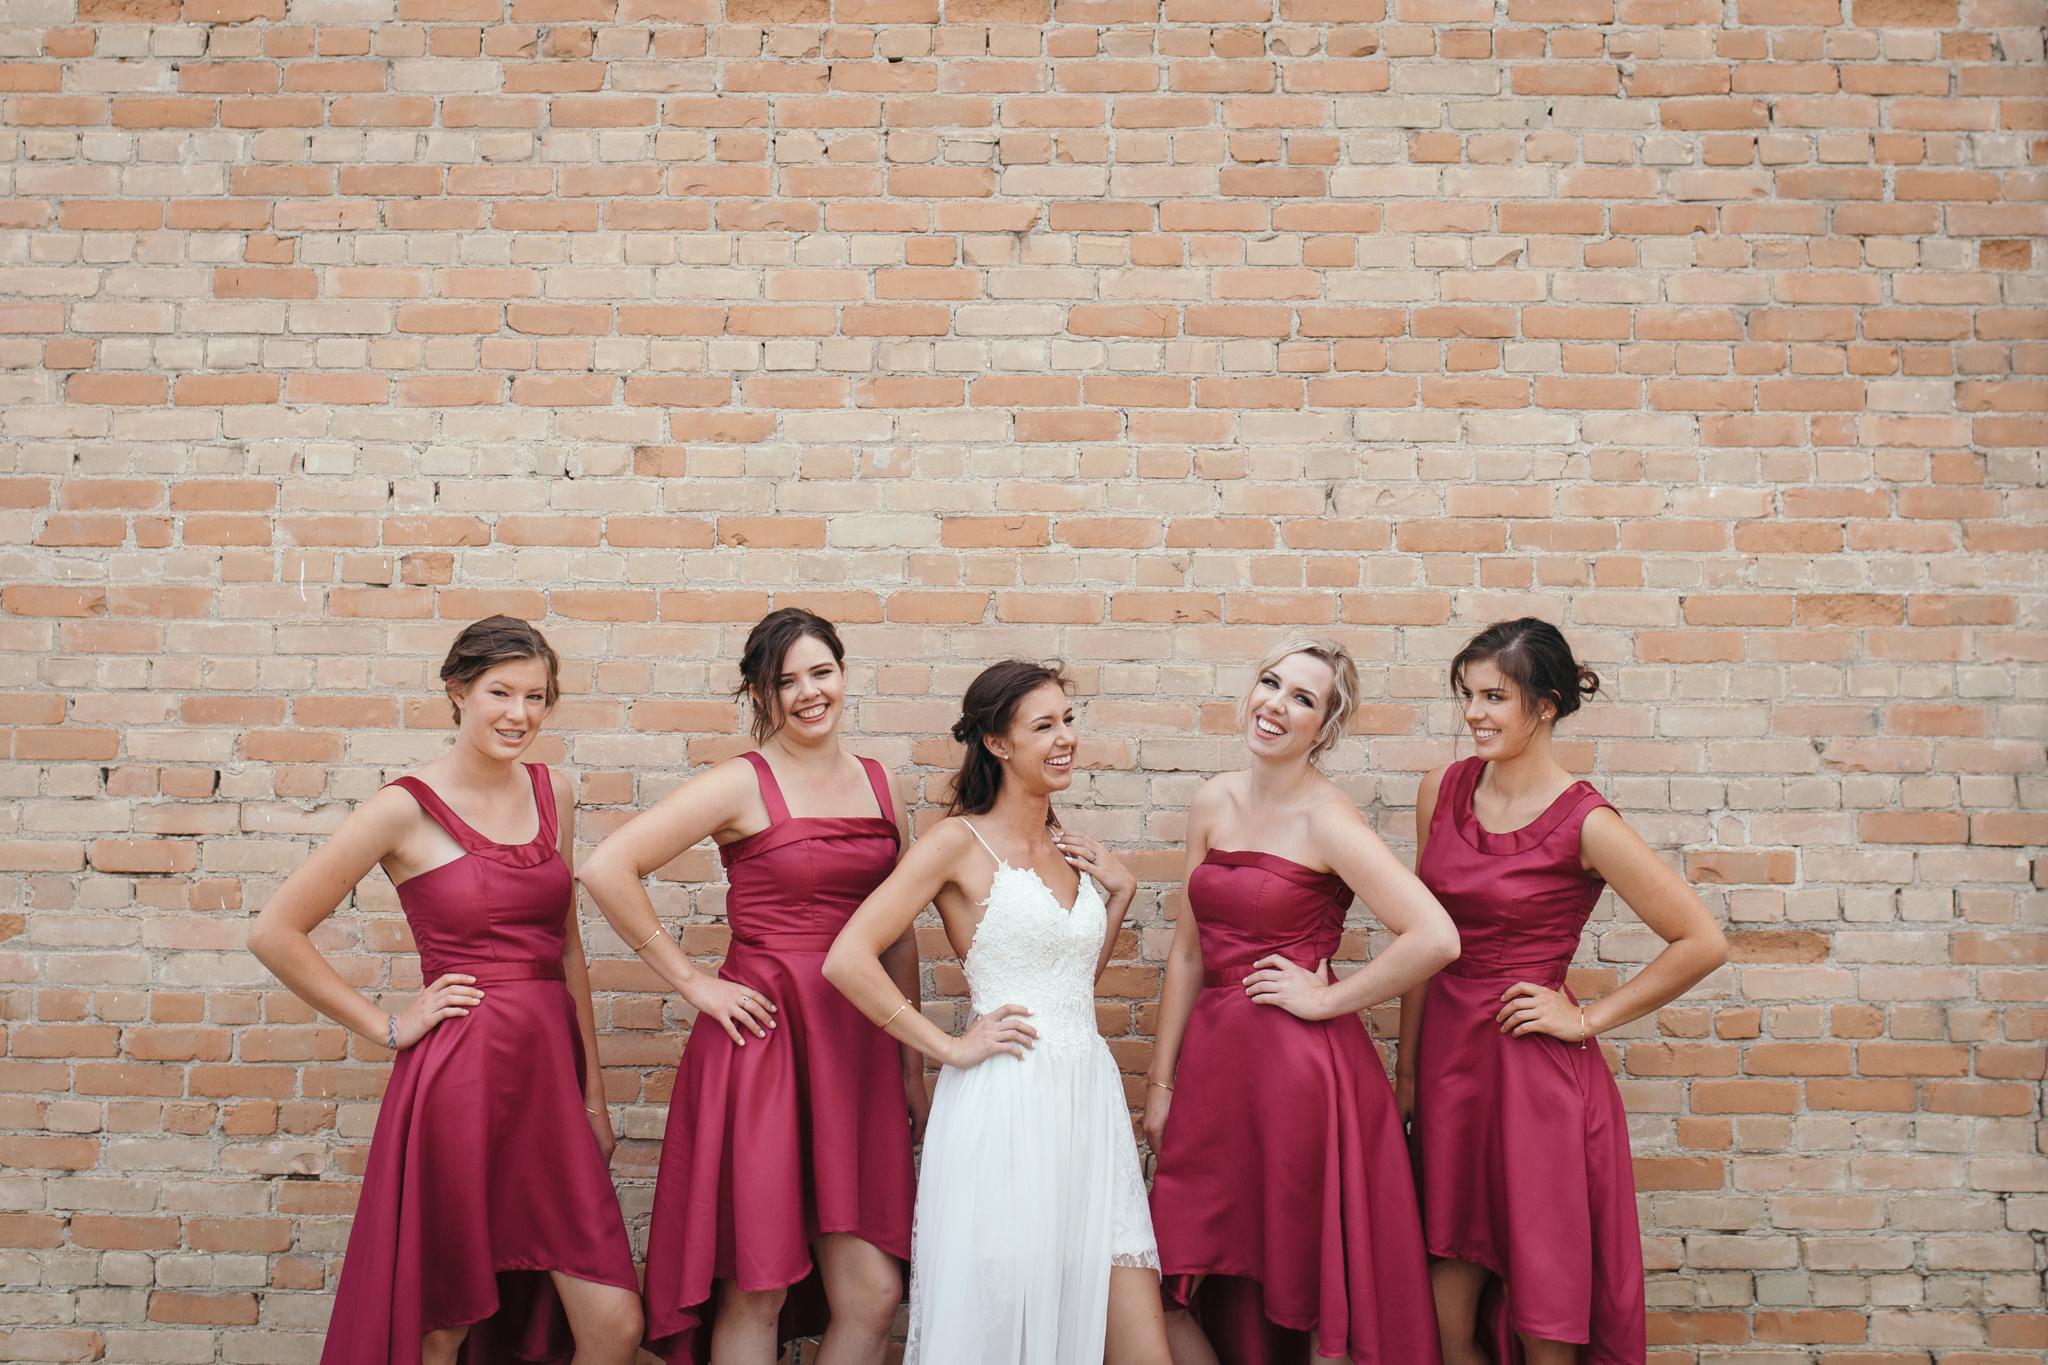 Ingram_Wedding_72-164.jpg